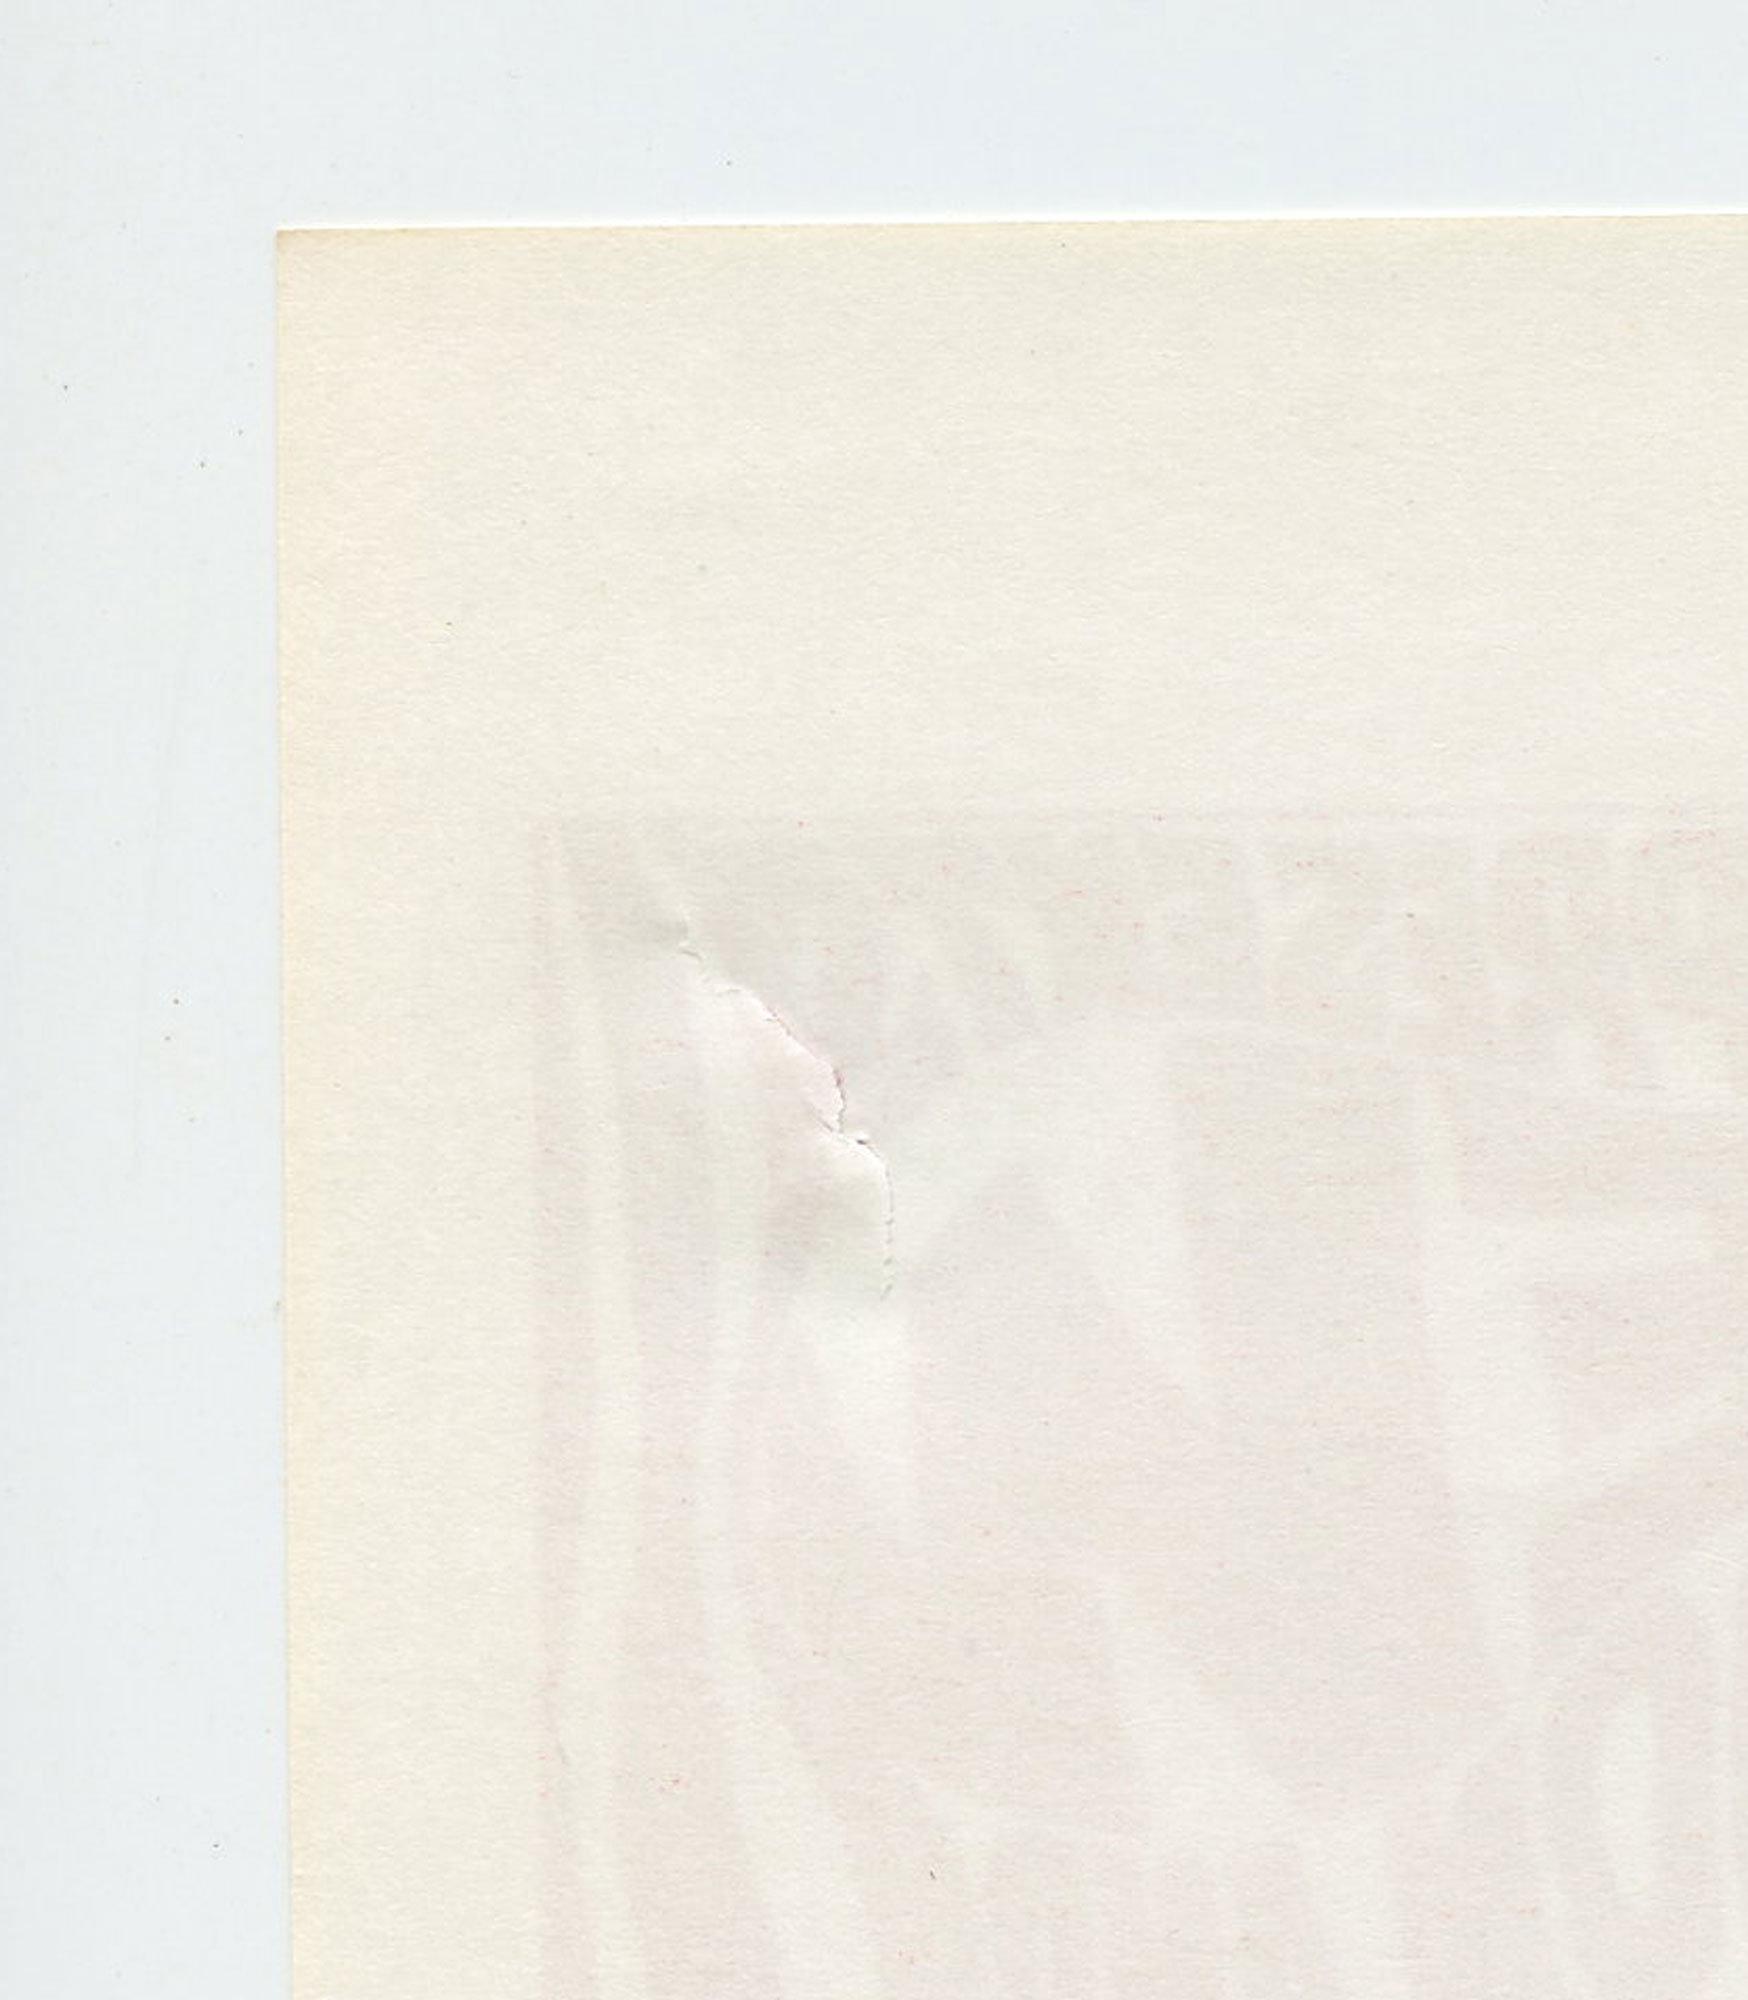 BG   6 Handbill New Generation Jay Walker Charlatans 1966 May 13